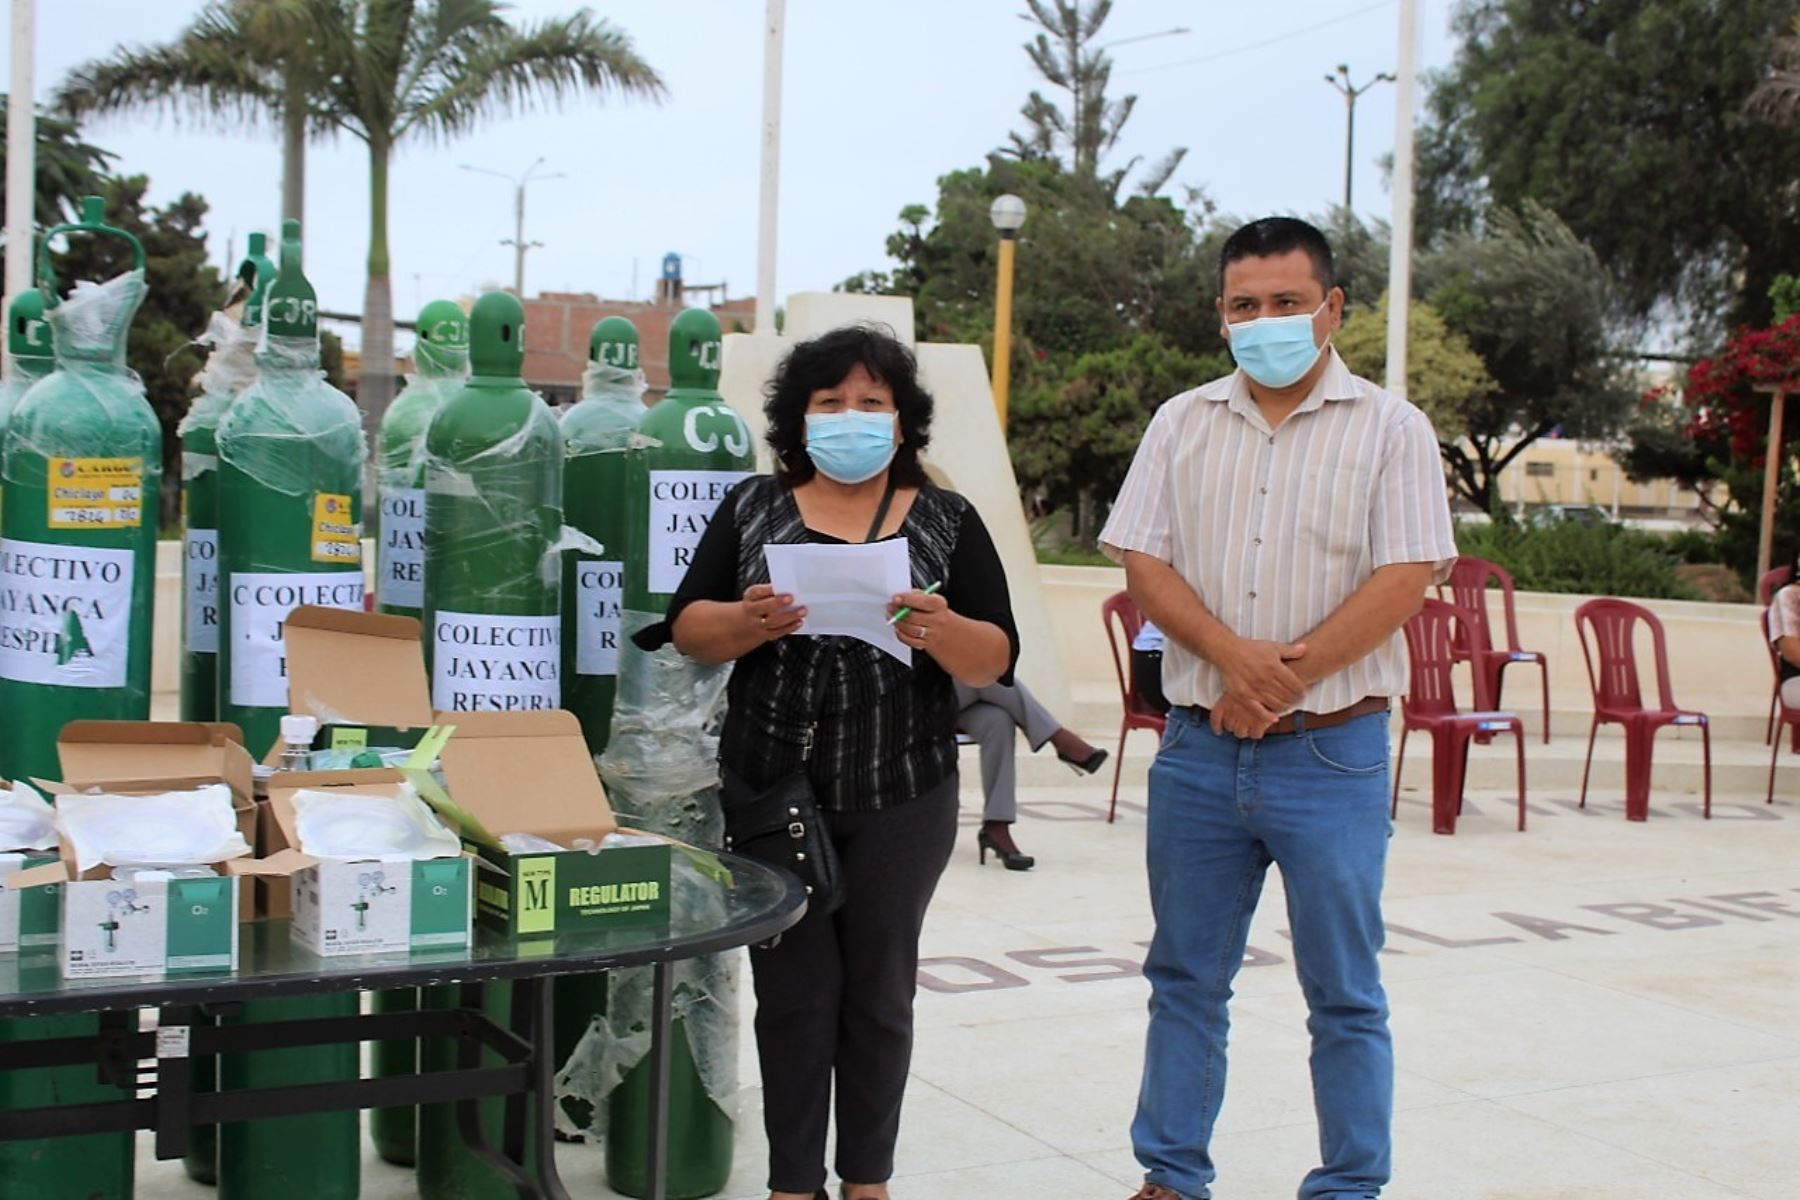 Municipalidad distrital de Jayanca, en Lambayeque, recibió una donación de 20 balones de oxígeno medicinal. Foto: ANDINA/Difusión